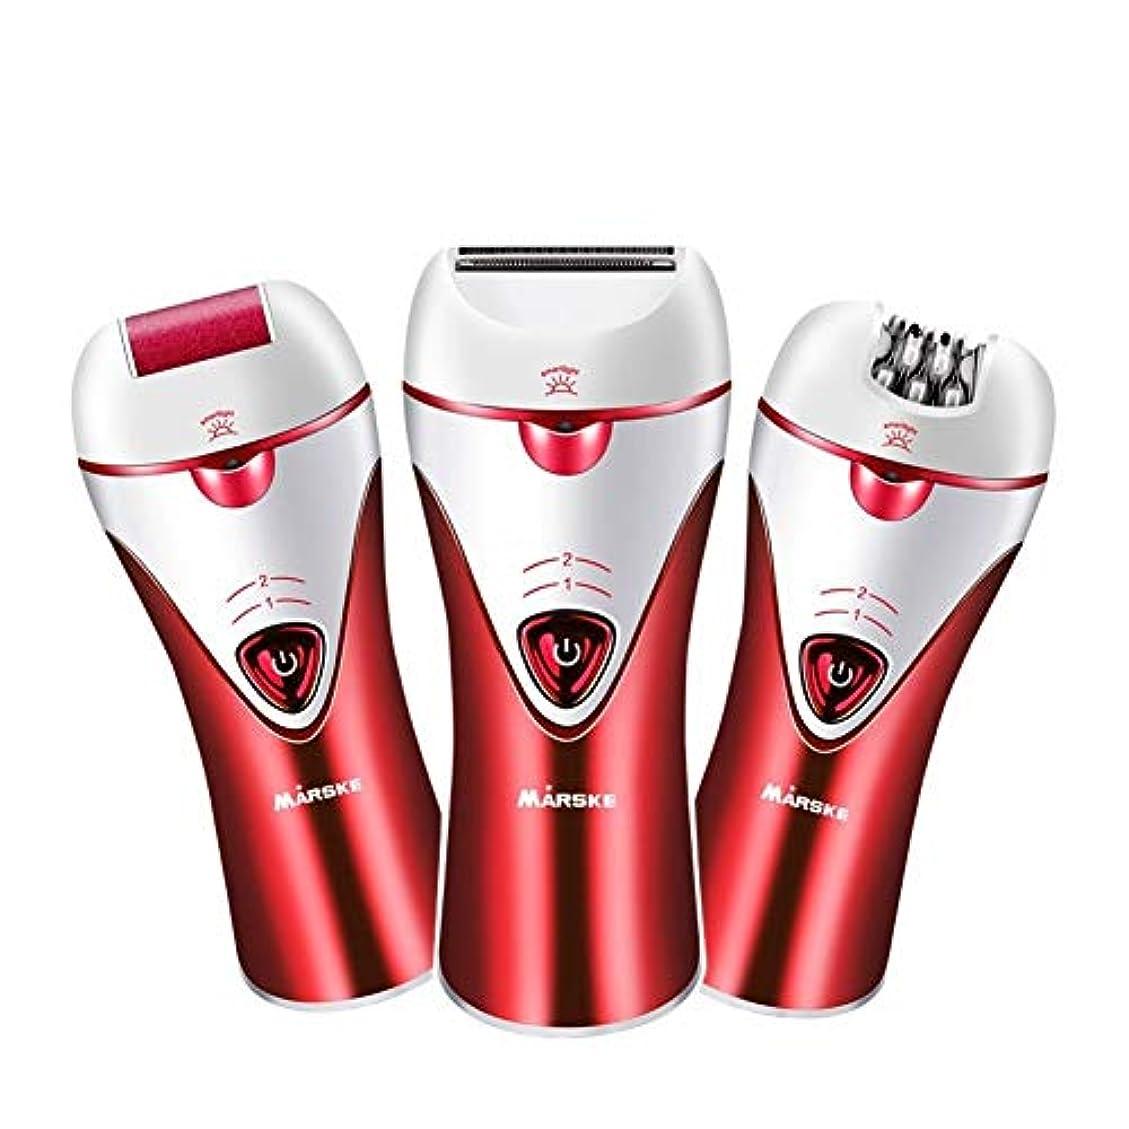 実際の絶滅パットTrliy- 充電式電動脱毛器、女性のための痛みのない快適さスキンケア脱毛ツール浴室ウェットとドライ脱毛器 (Color : Red)